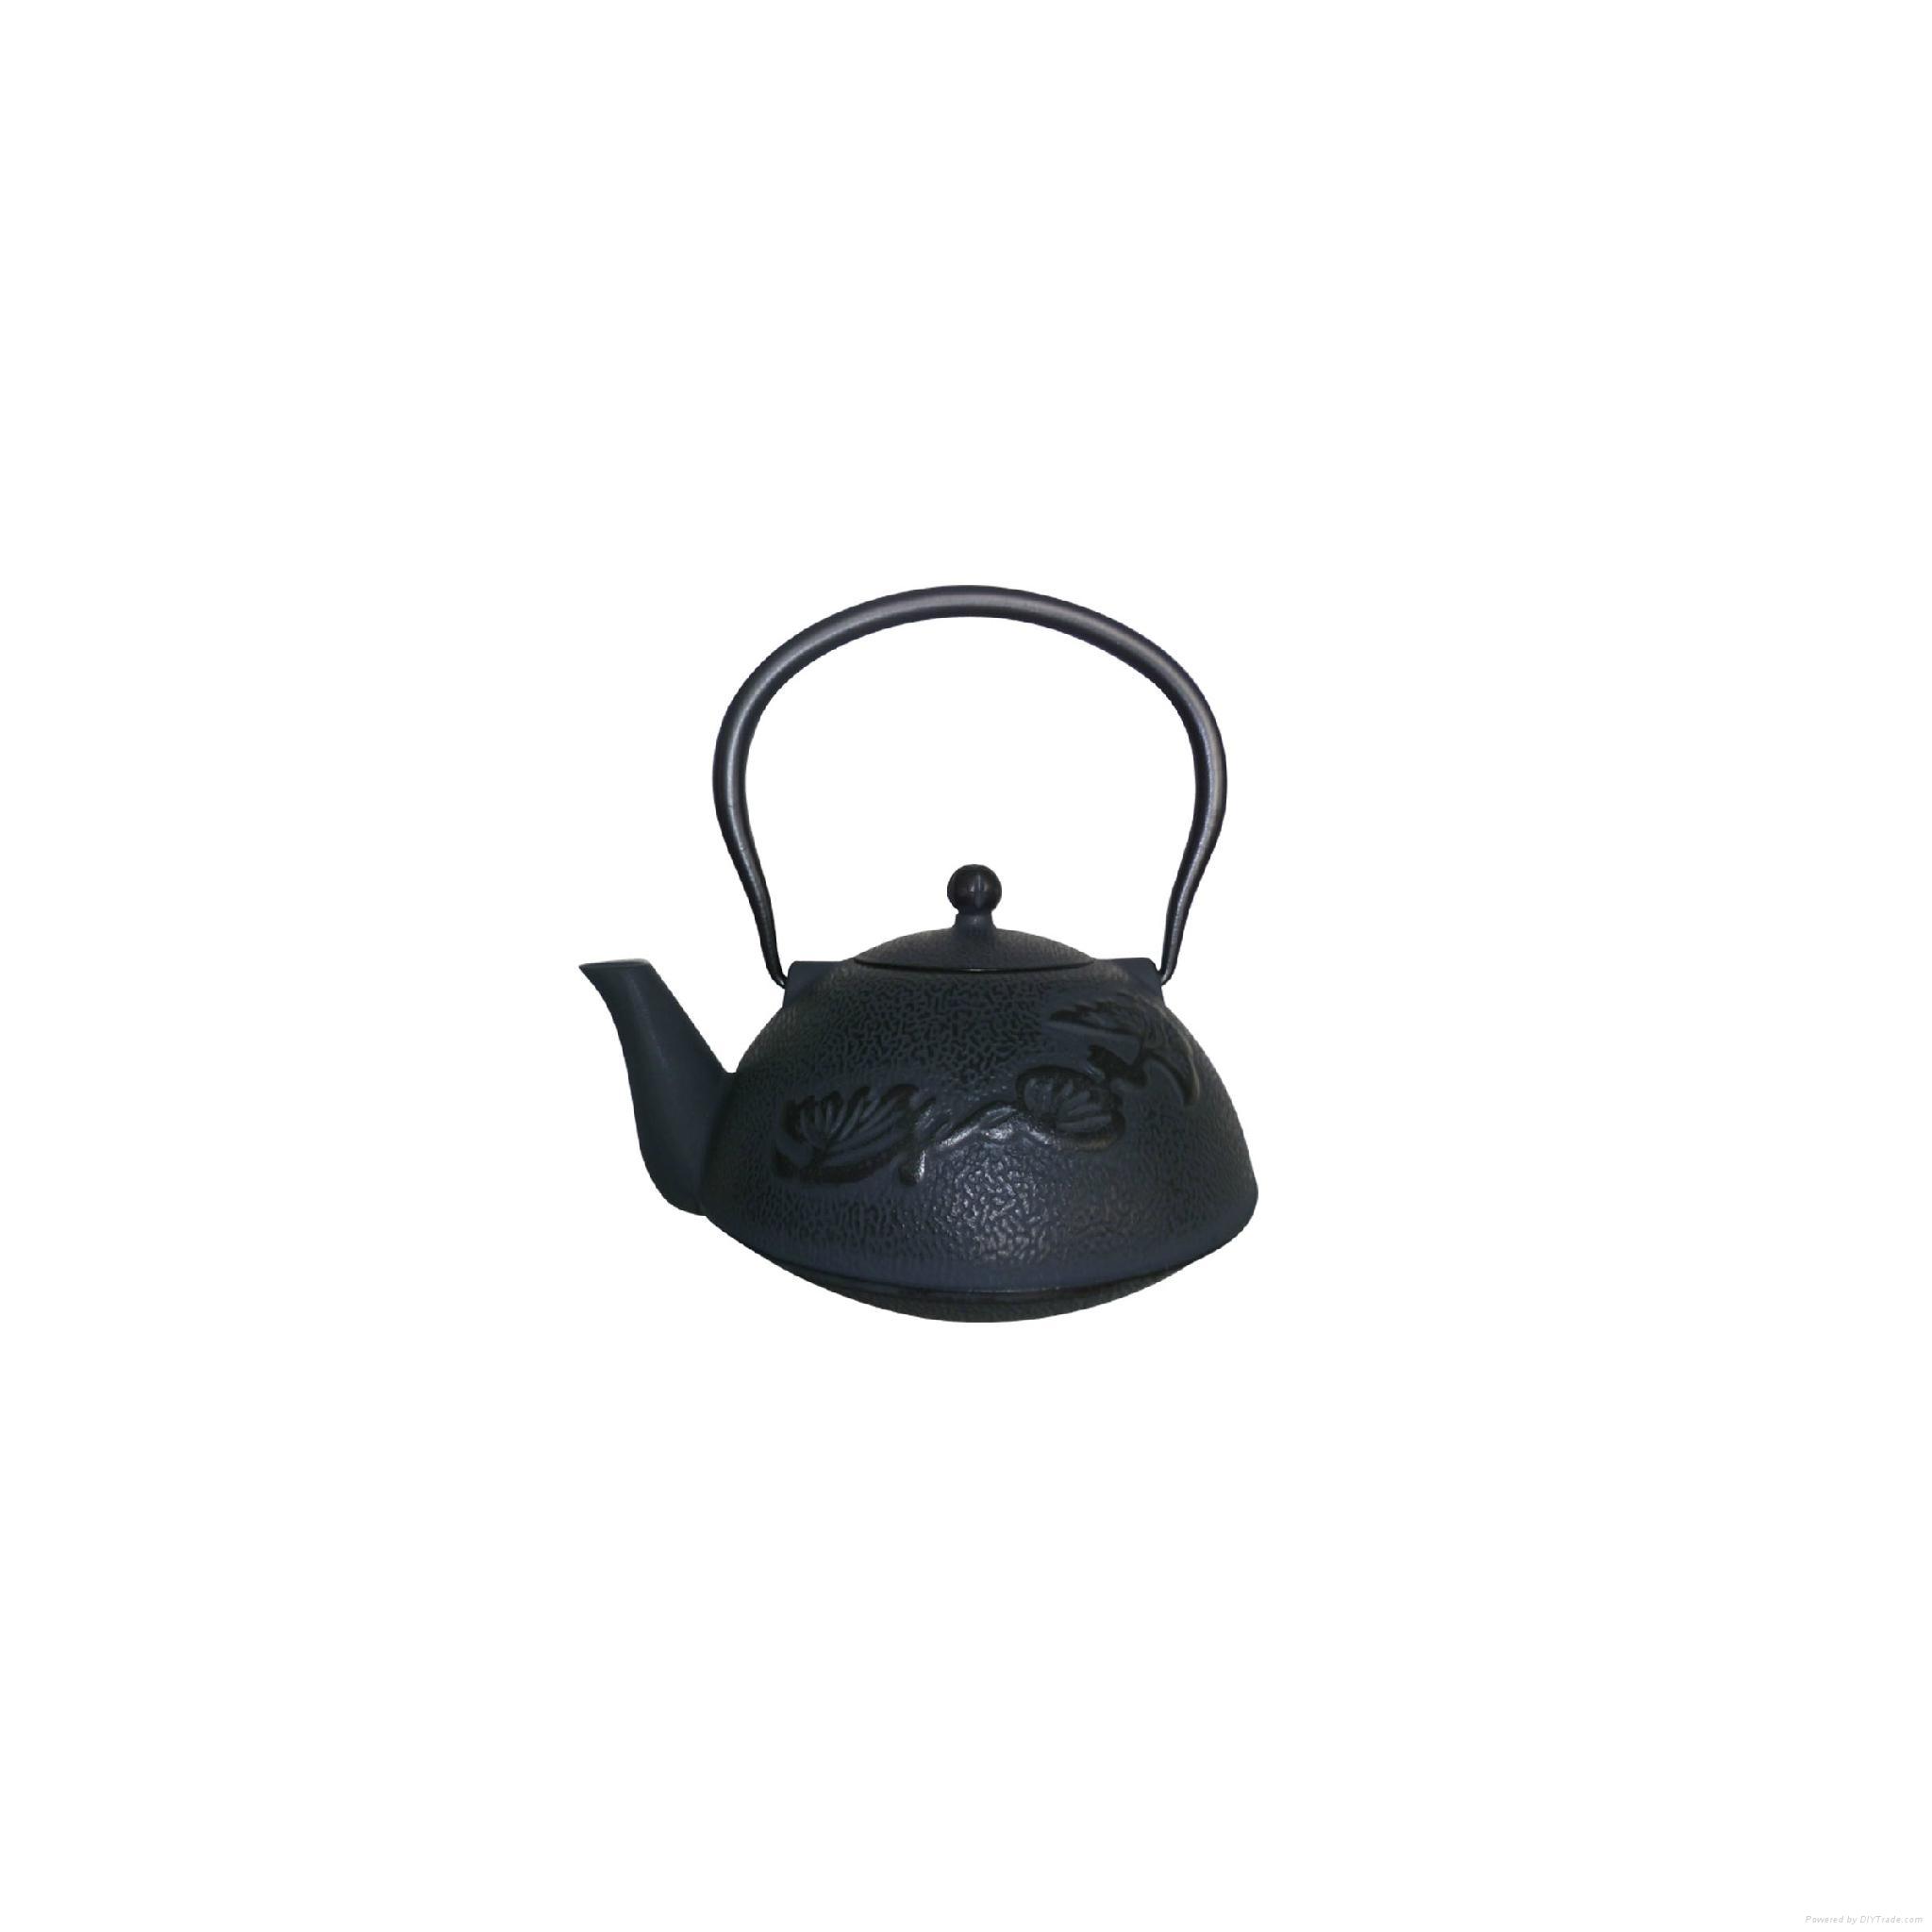 Antique Cast Iron Teapot 2